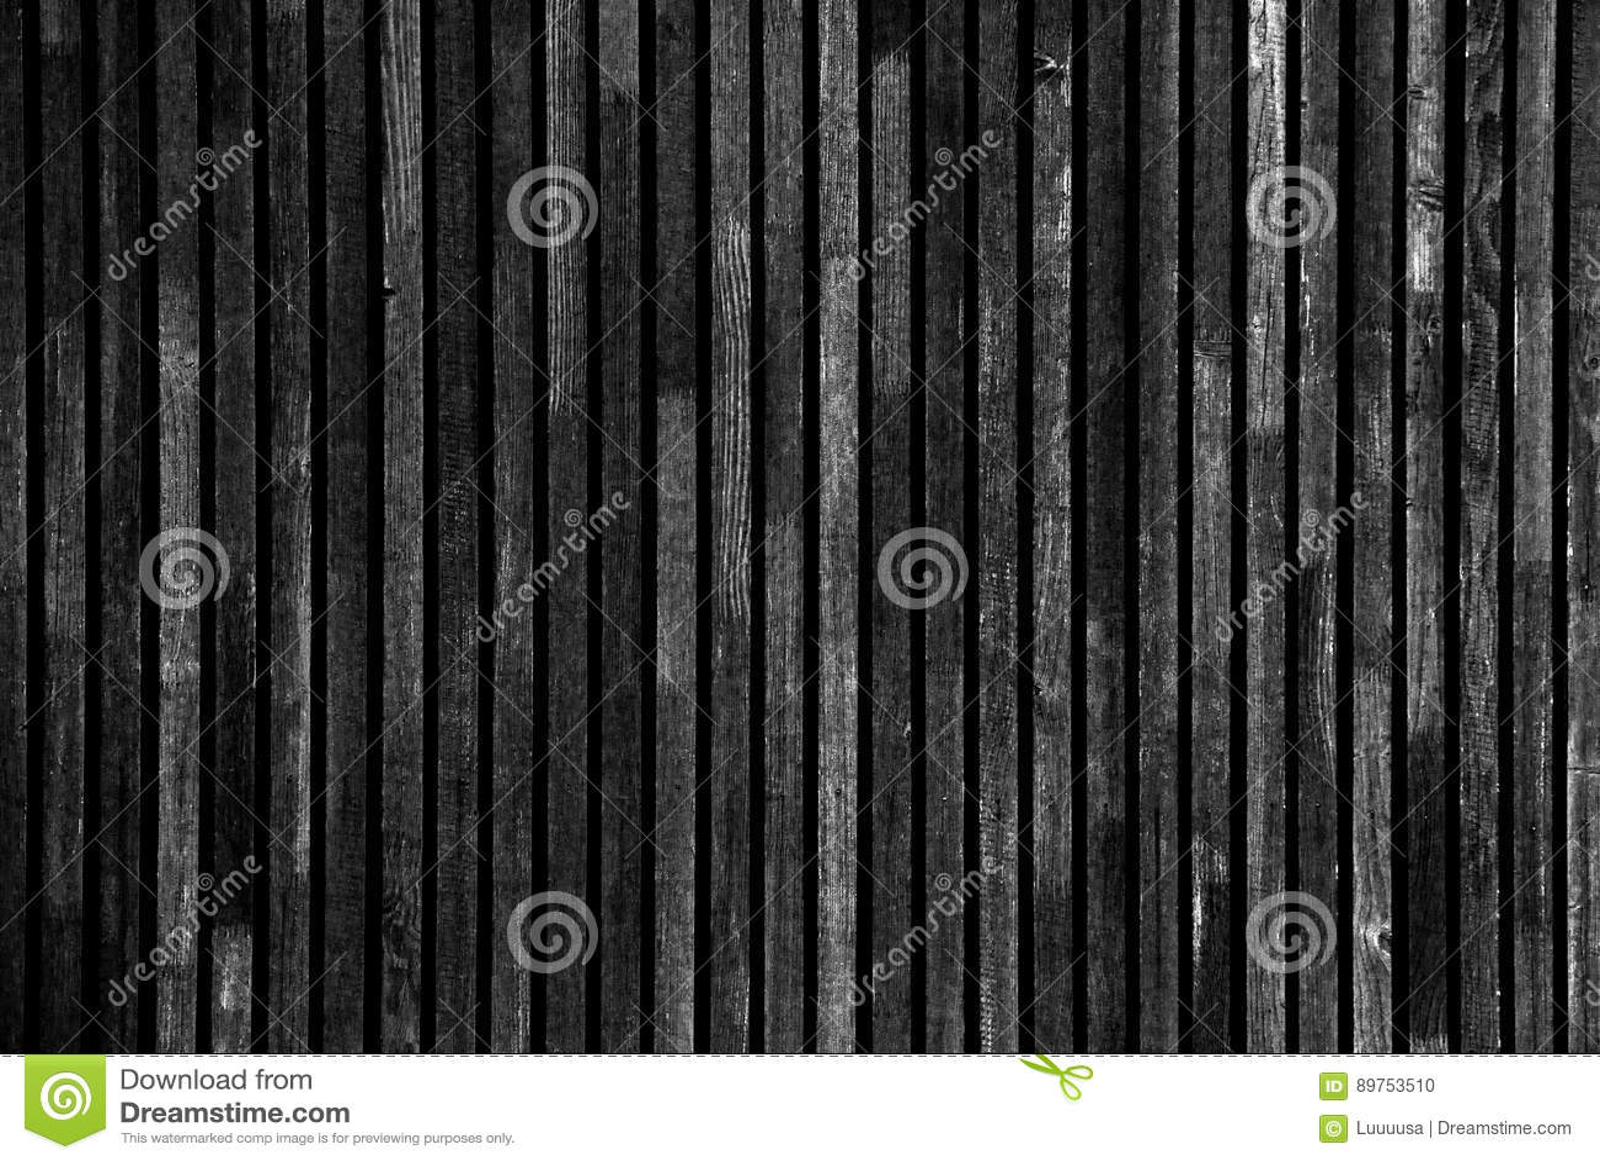 dunkelgraue alte blockhaus wand beschaffenheit dunkle rustikale haus klotz wand horizontaler. Black Bedroom Furniture Sets. Home Design Ideas